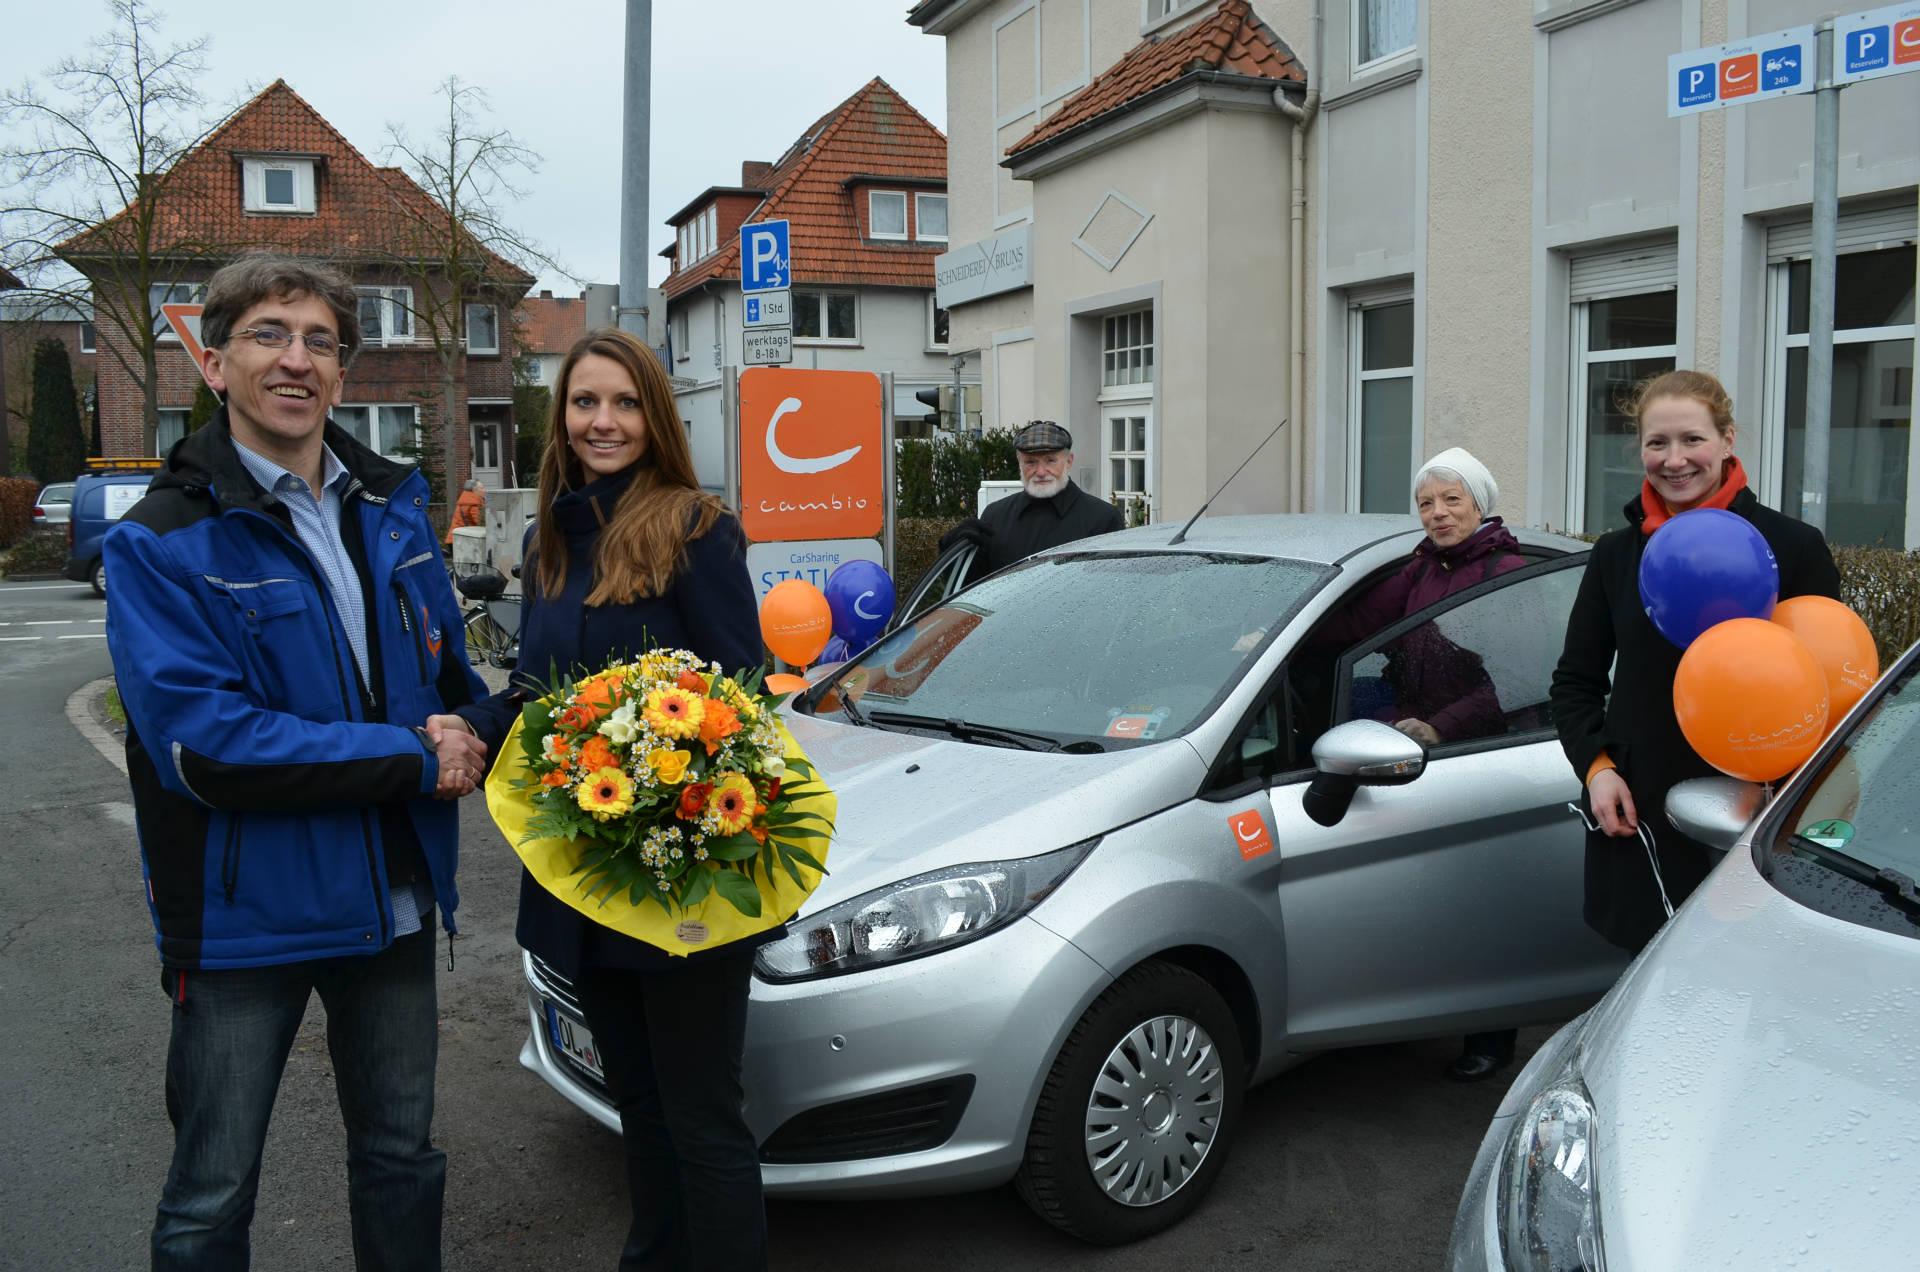 cambio Oldenburg begrüßt den 1.000 Kunden